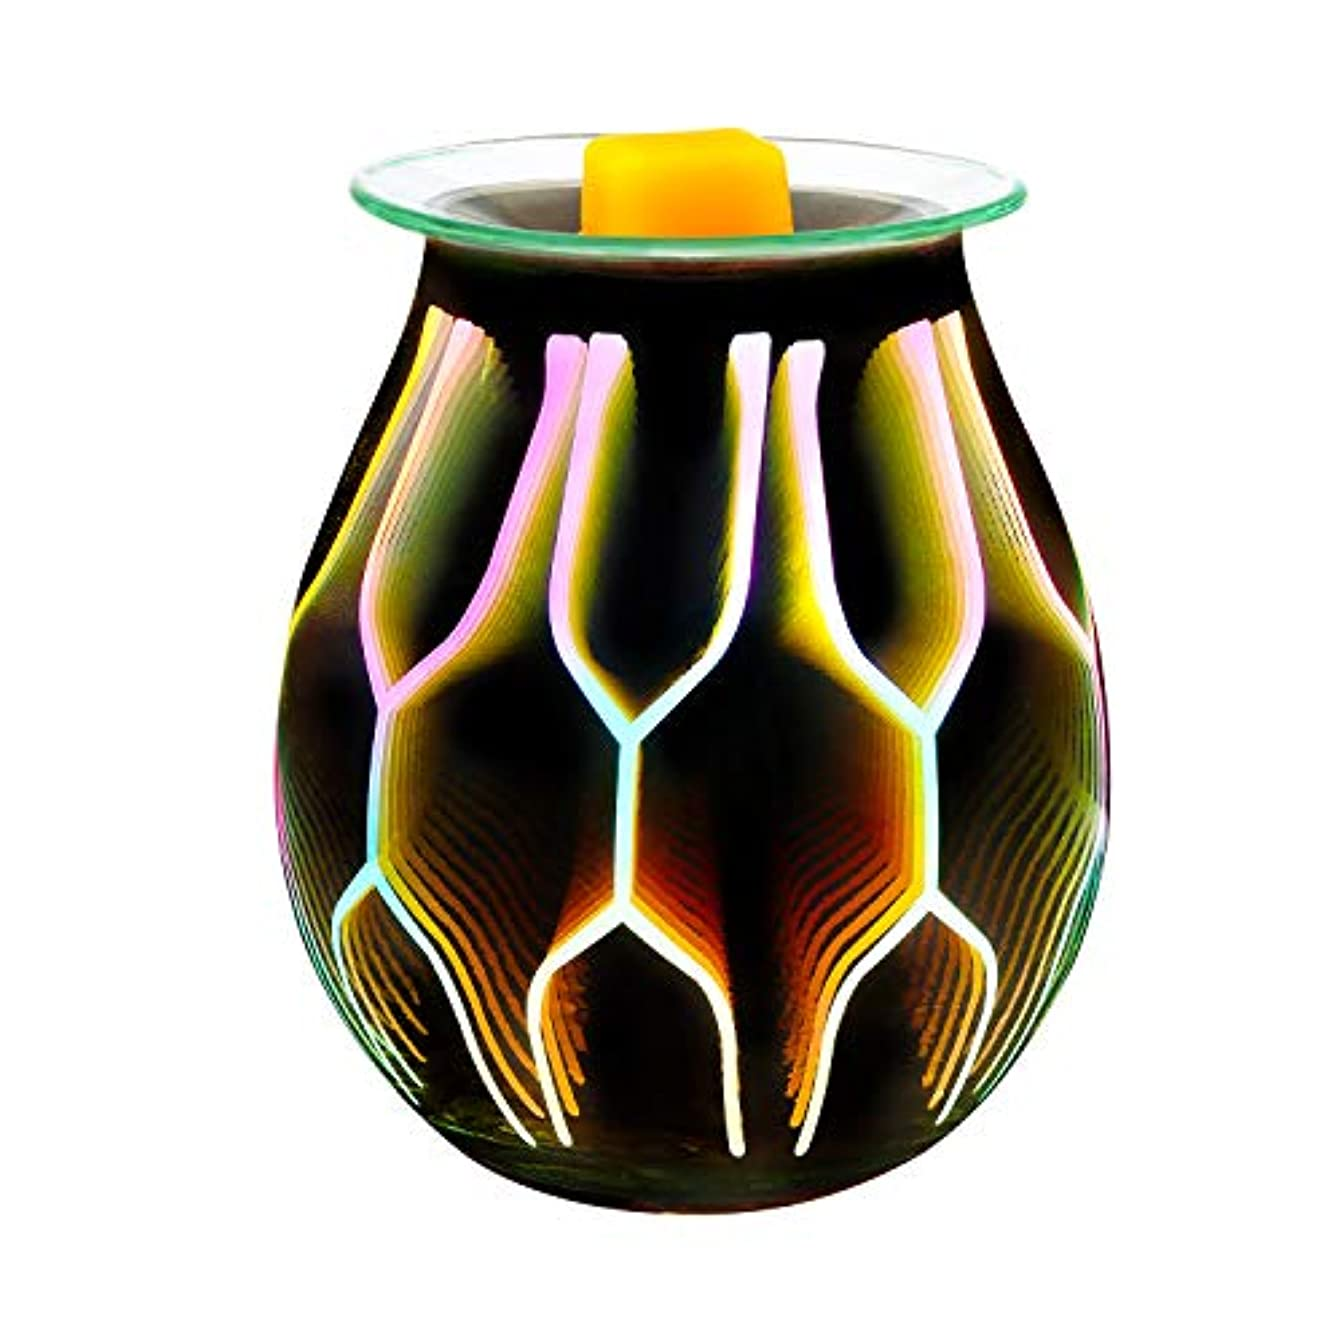 アカウント対人続編COOSA Electric Oil Warmer、美しいガラスワックスTartスターバーストNight Burnerライトアロマ装飾ランプwith 3d効果ギフトの装飾、パーティー、